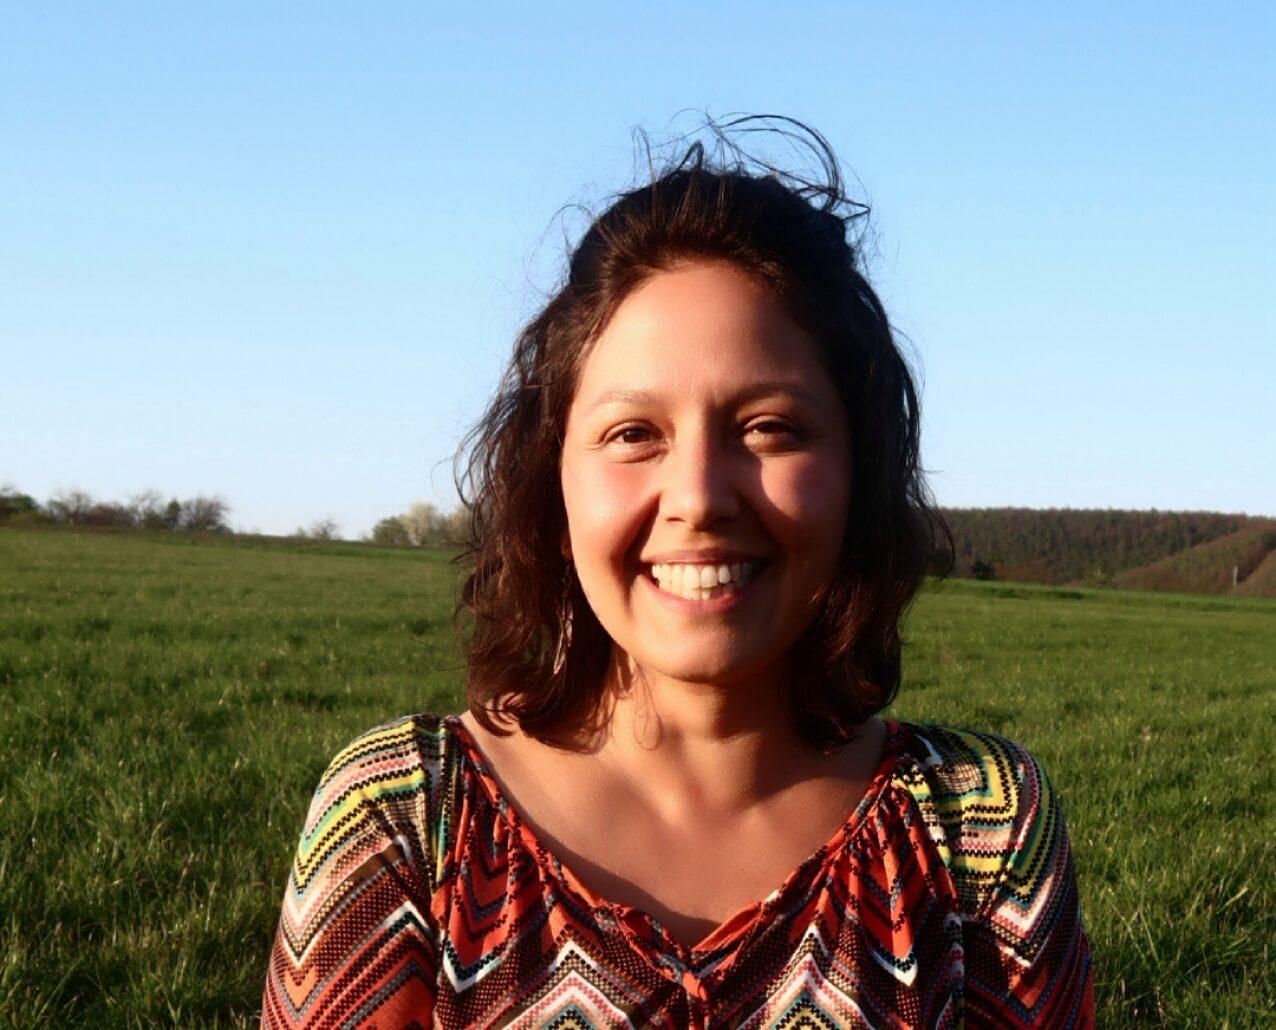 Miriam Camilla Millisterfer Vegane Ernaehrungsberaterin